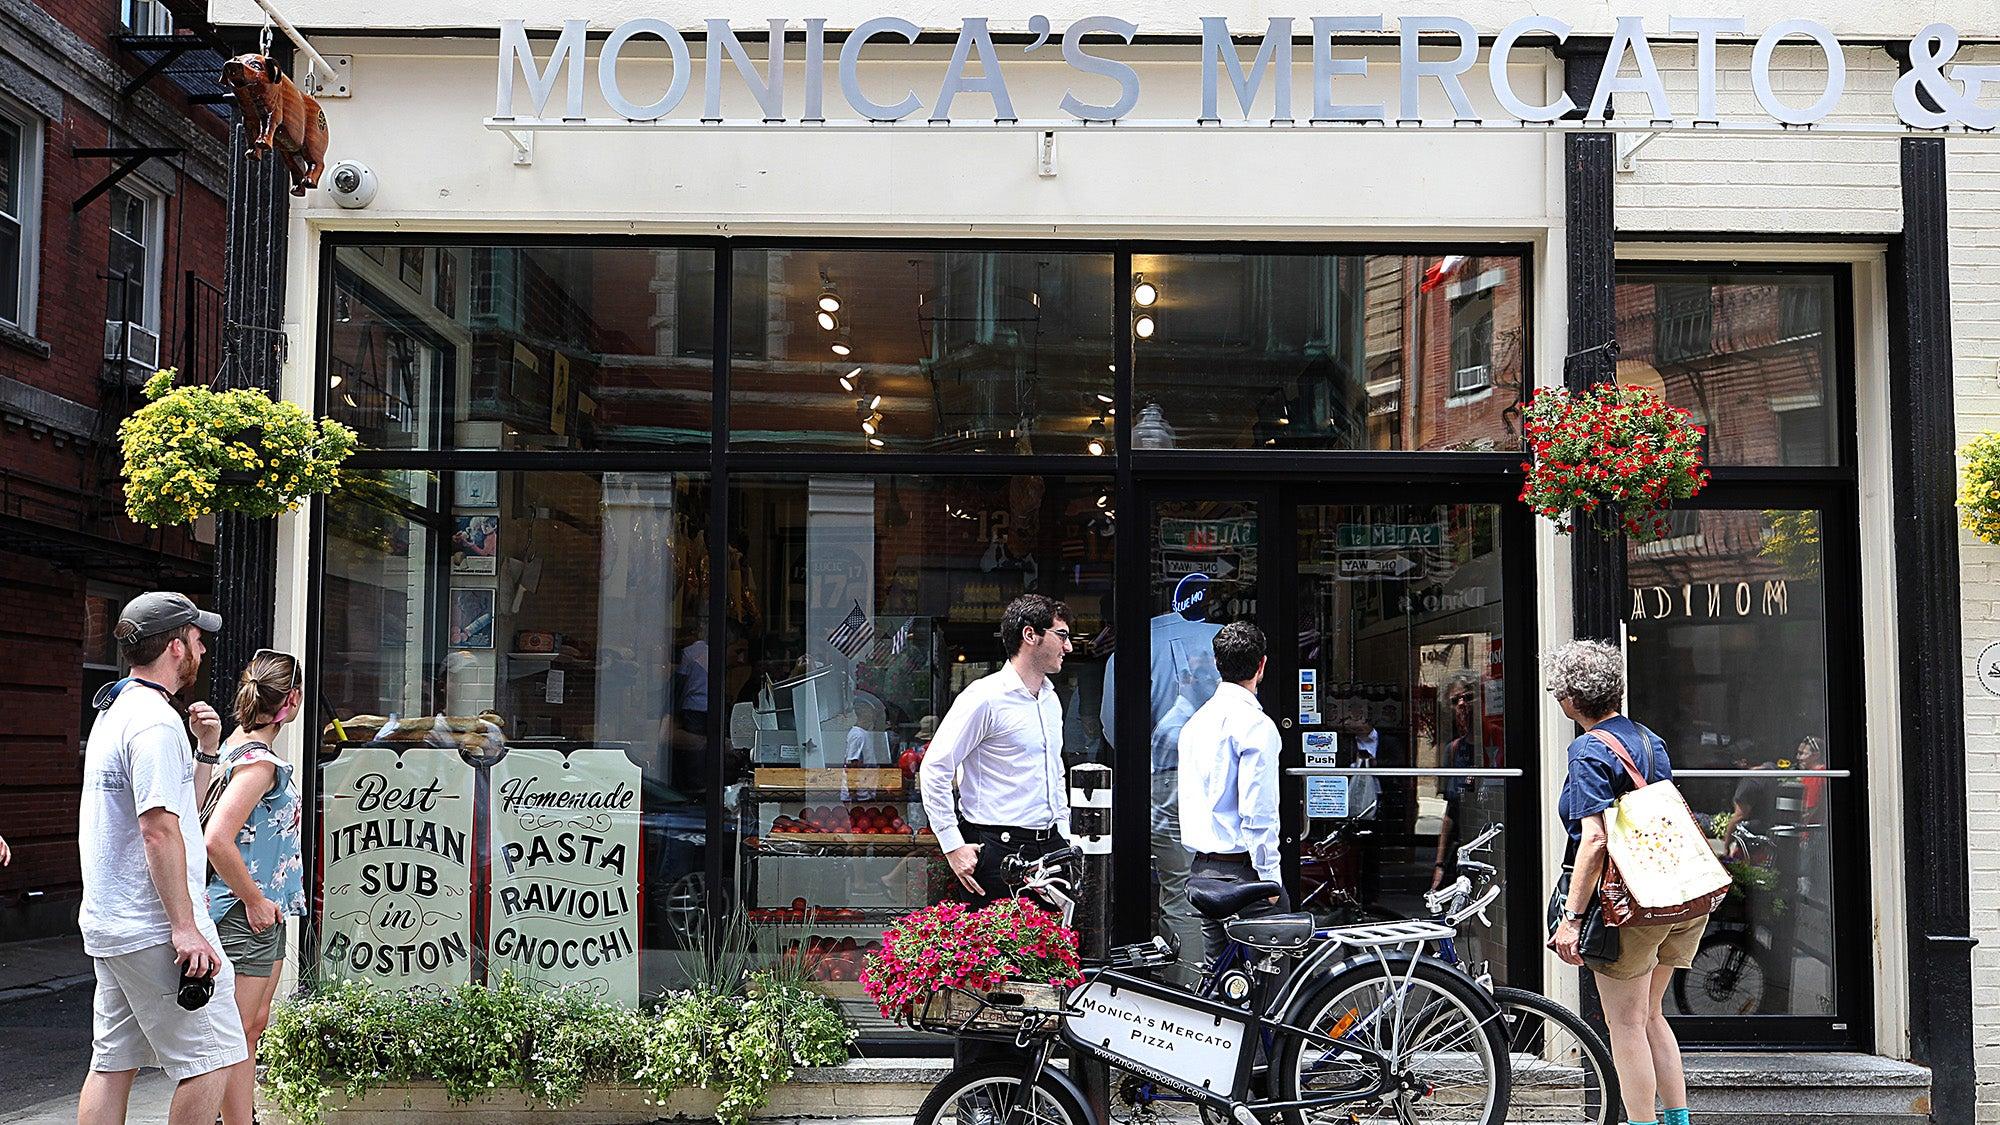 Monica's Mercato